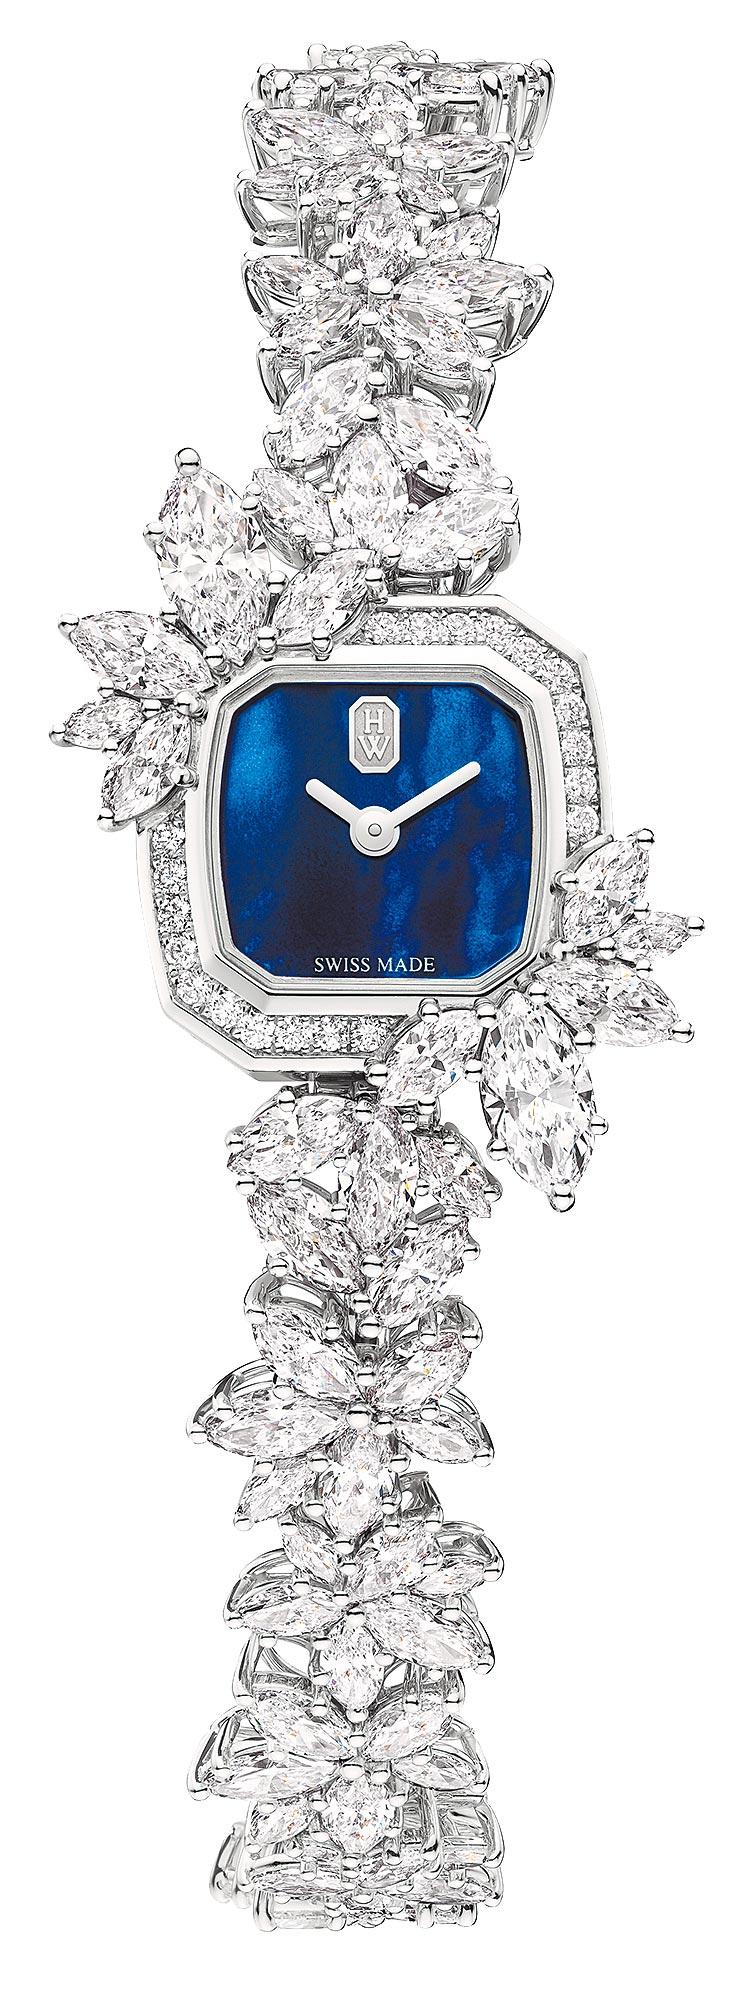 海瑞溫斯頓Precious Emerald鑽表,藍色珍珠母貝表盤,約992萬元。(Harry Winston提供)